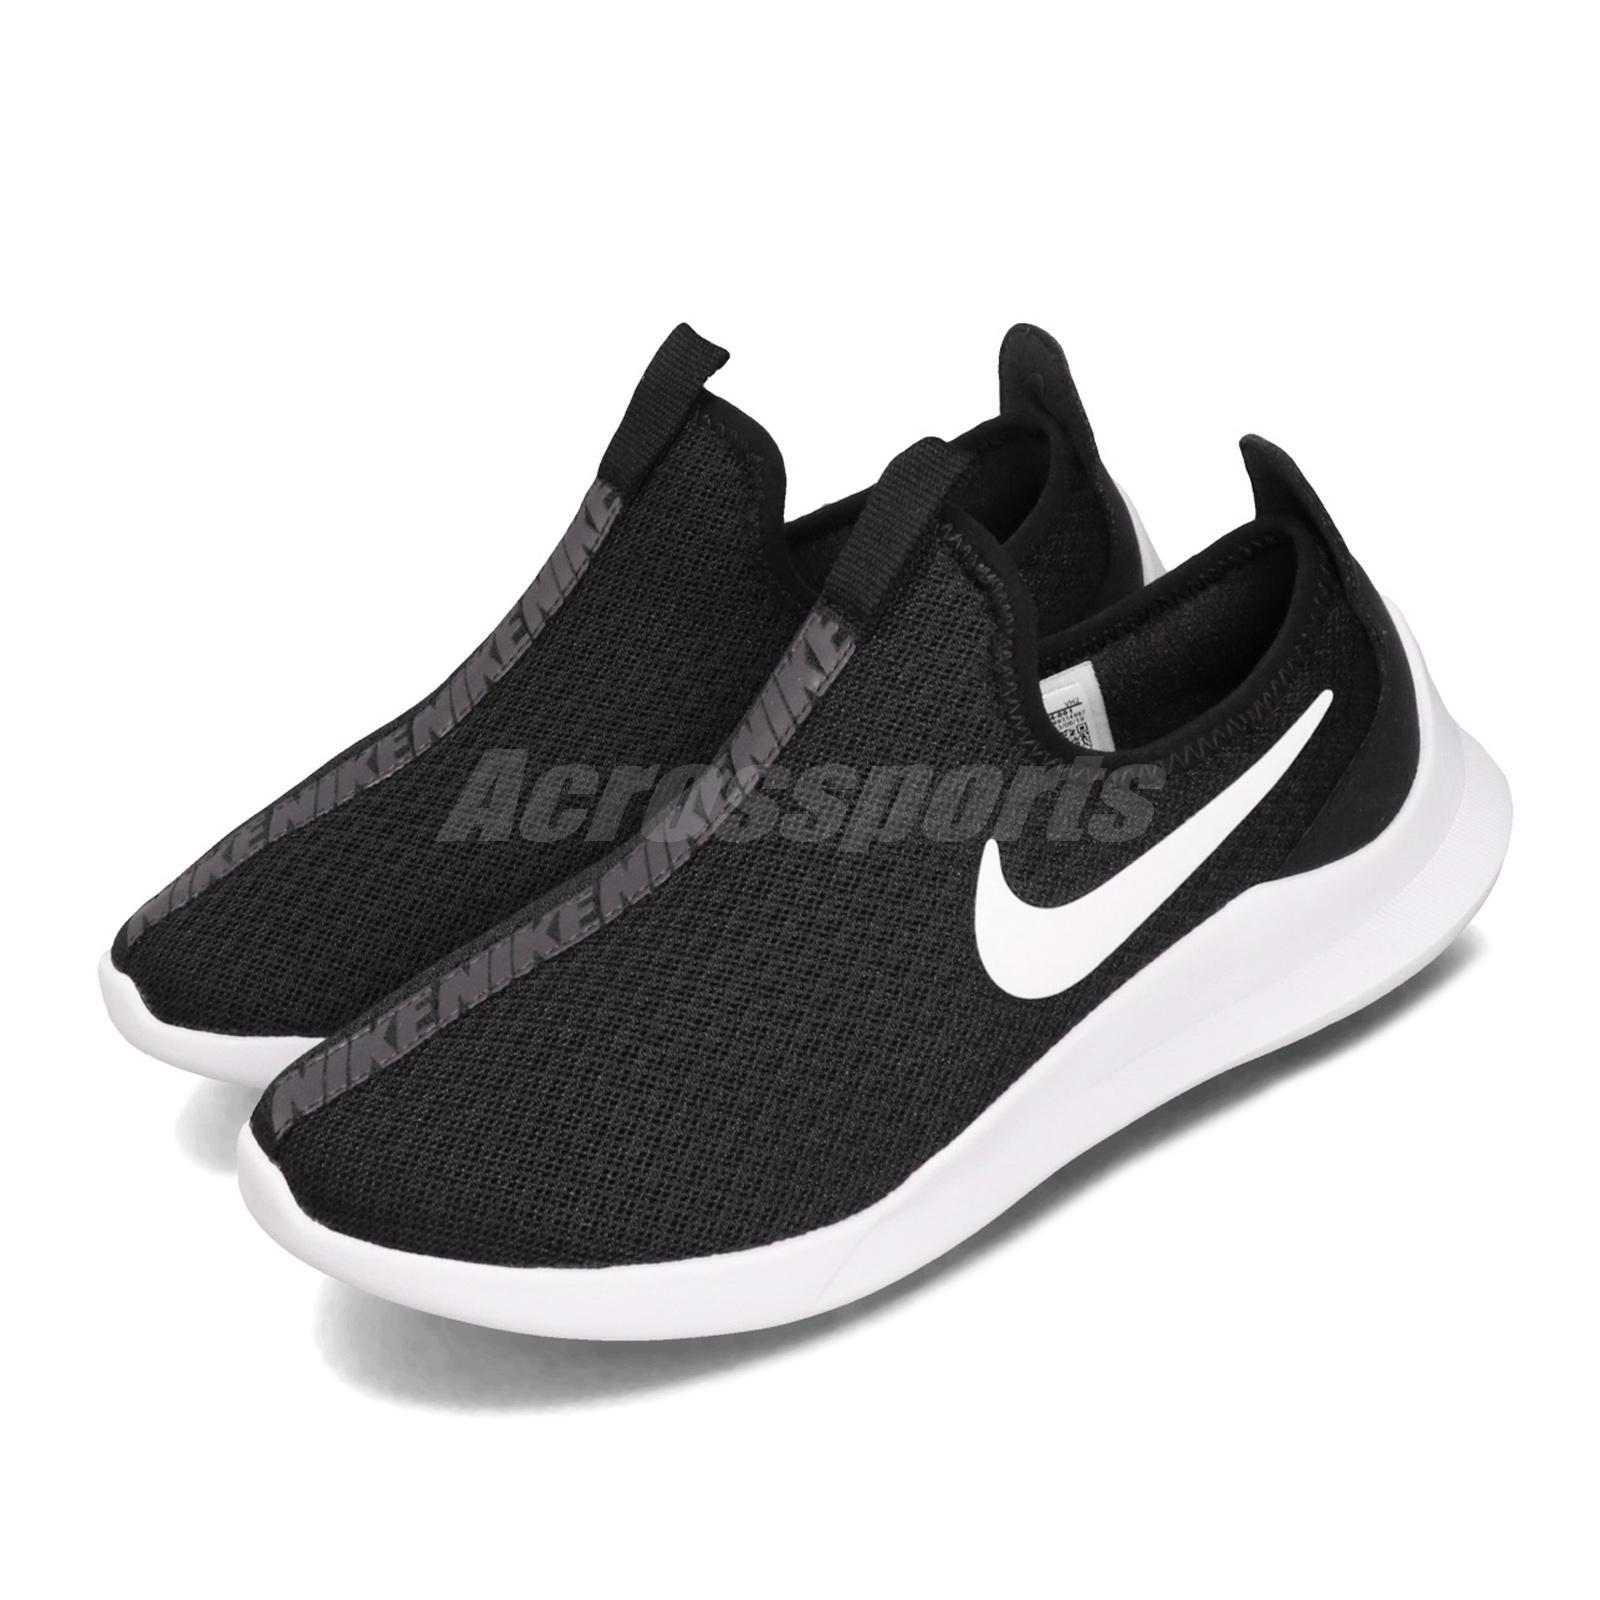 Detalles acerca de Nike Wmns Viale SLP resbalón en Negro Blanco para Mujer  Estilo De Vida Zapatos Sneaker AQ2234-001- mostrar título original